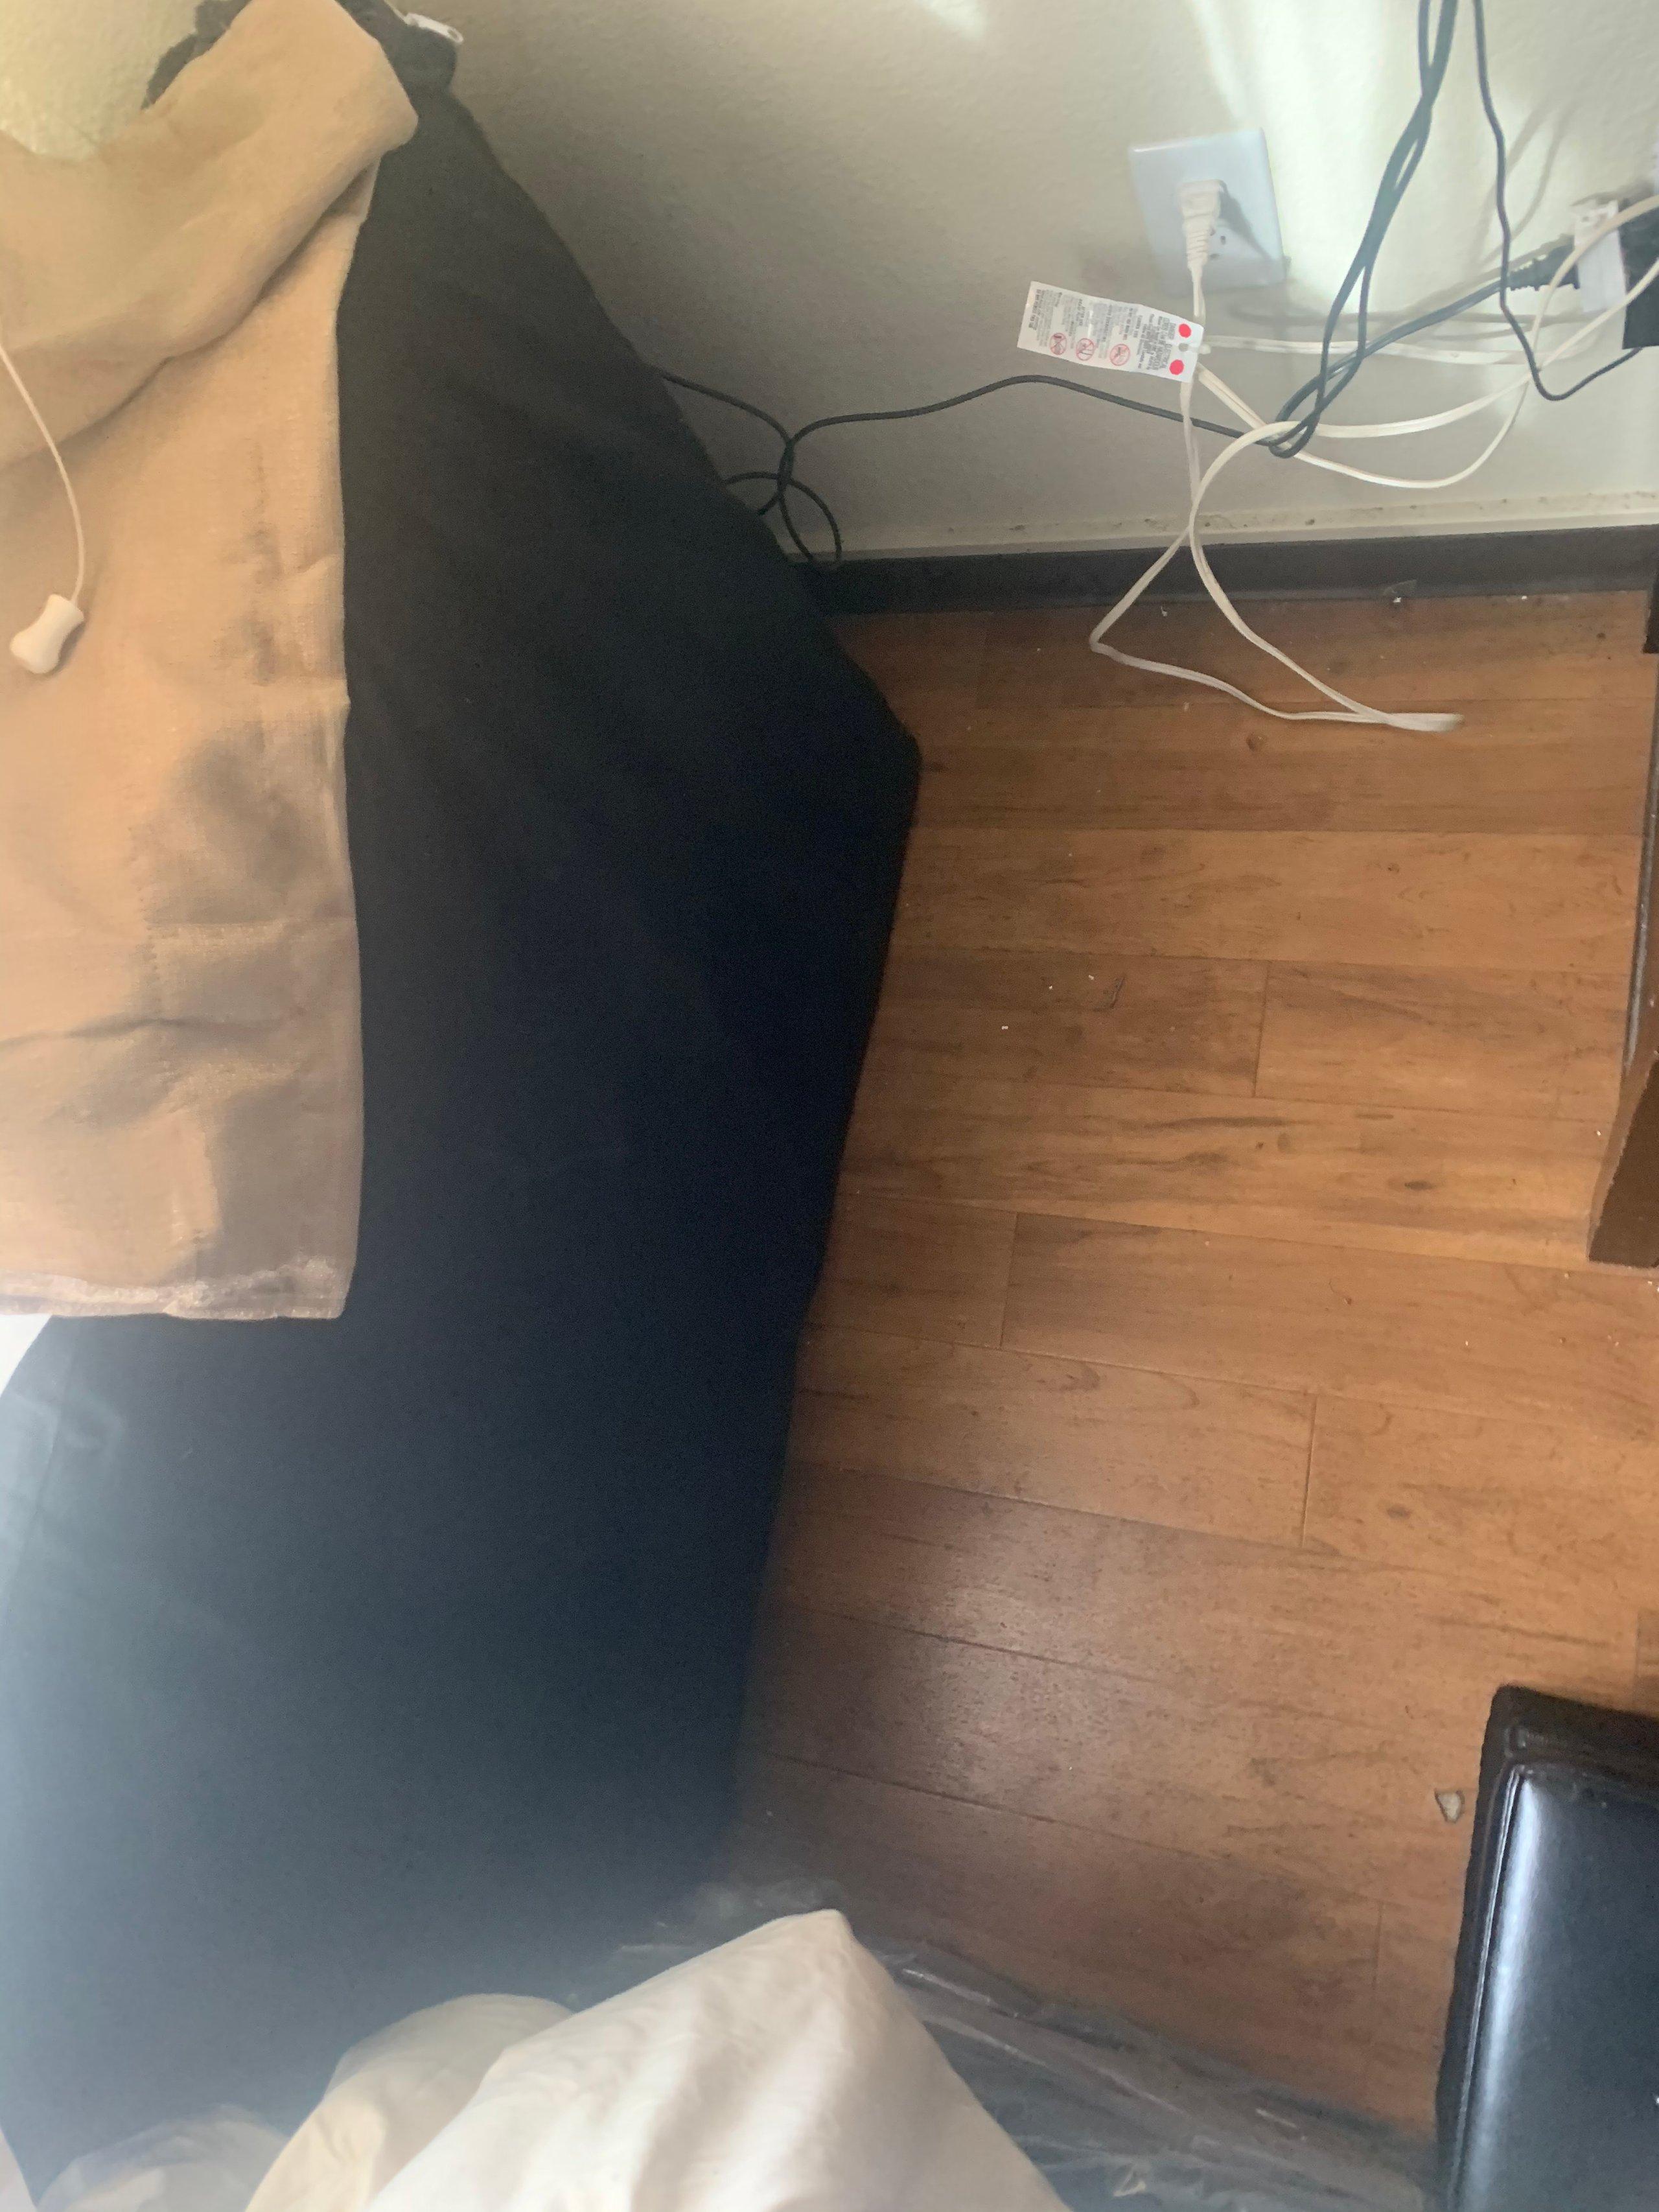 3x2 Other self storage unit